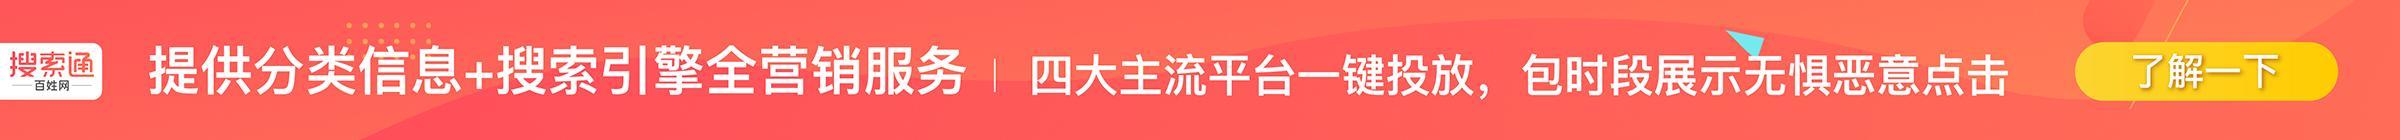 杭州基金投资公司。杭州361黄金网